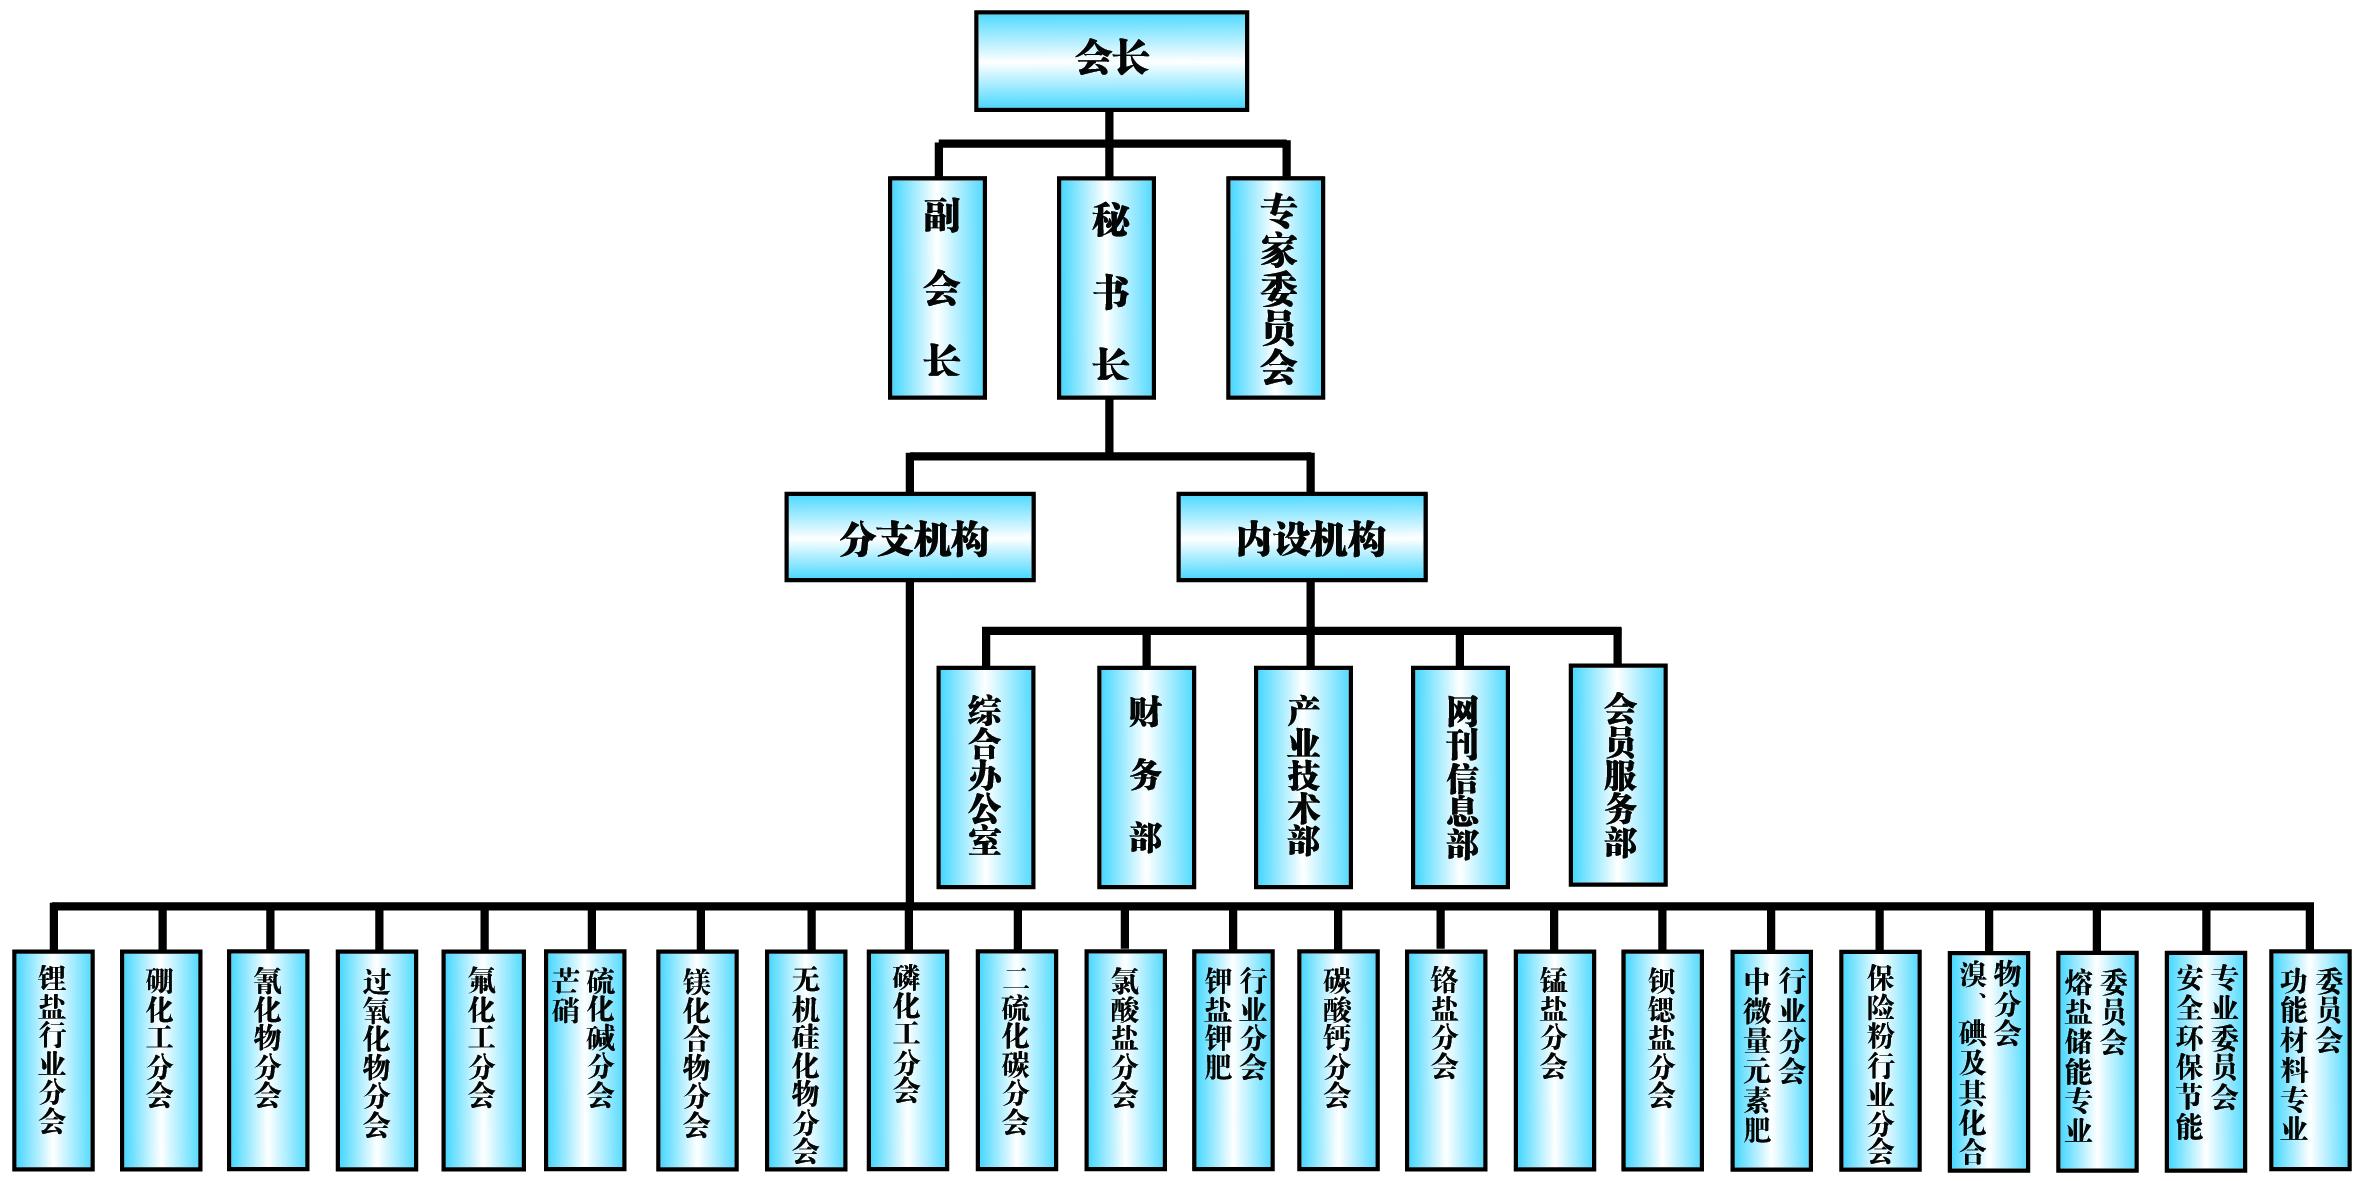 协会组织架构.jpg